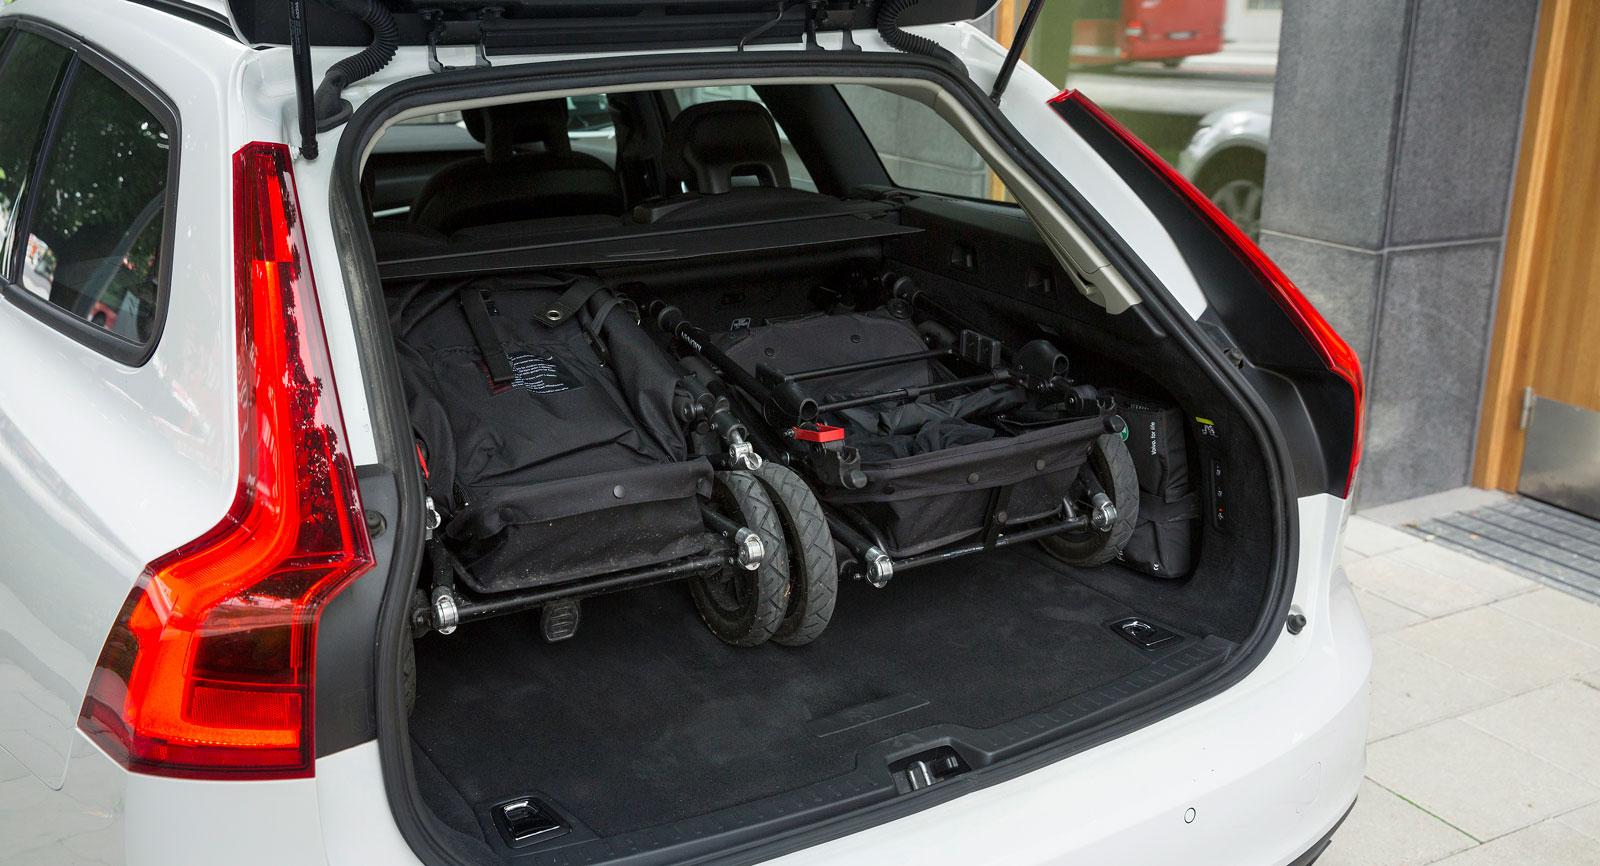 Bara Volvo kan ta två barnvagnschassin i bredd.